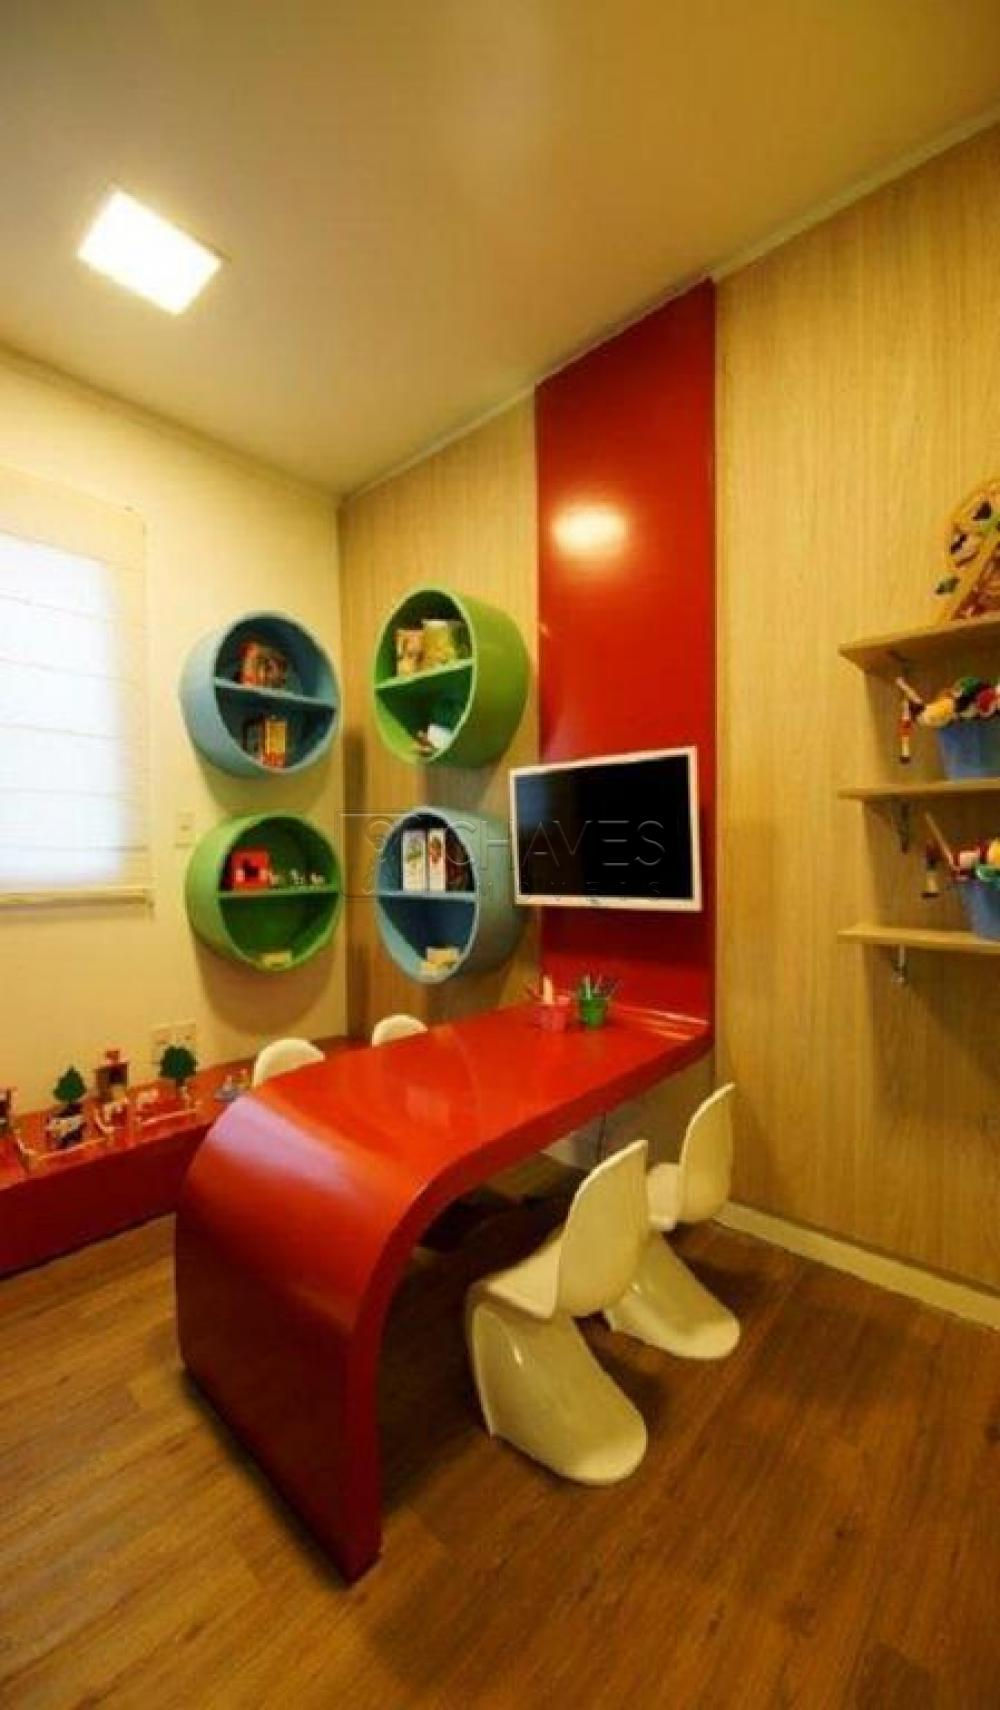 Comprar Apartamento / Padrão em Ribeirão Preto apenas R$ 700.000,00 - Foto 29